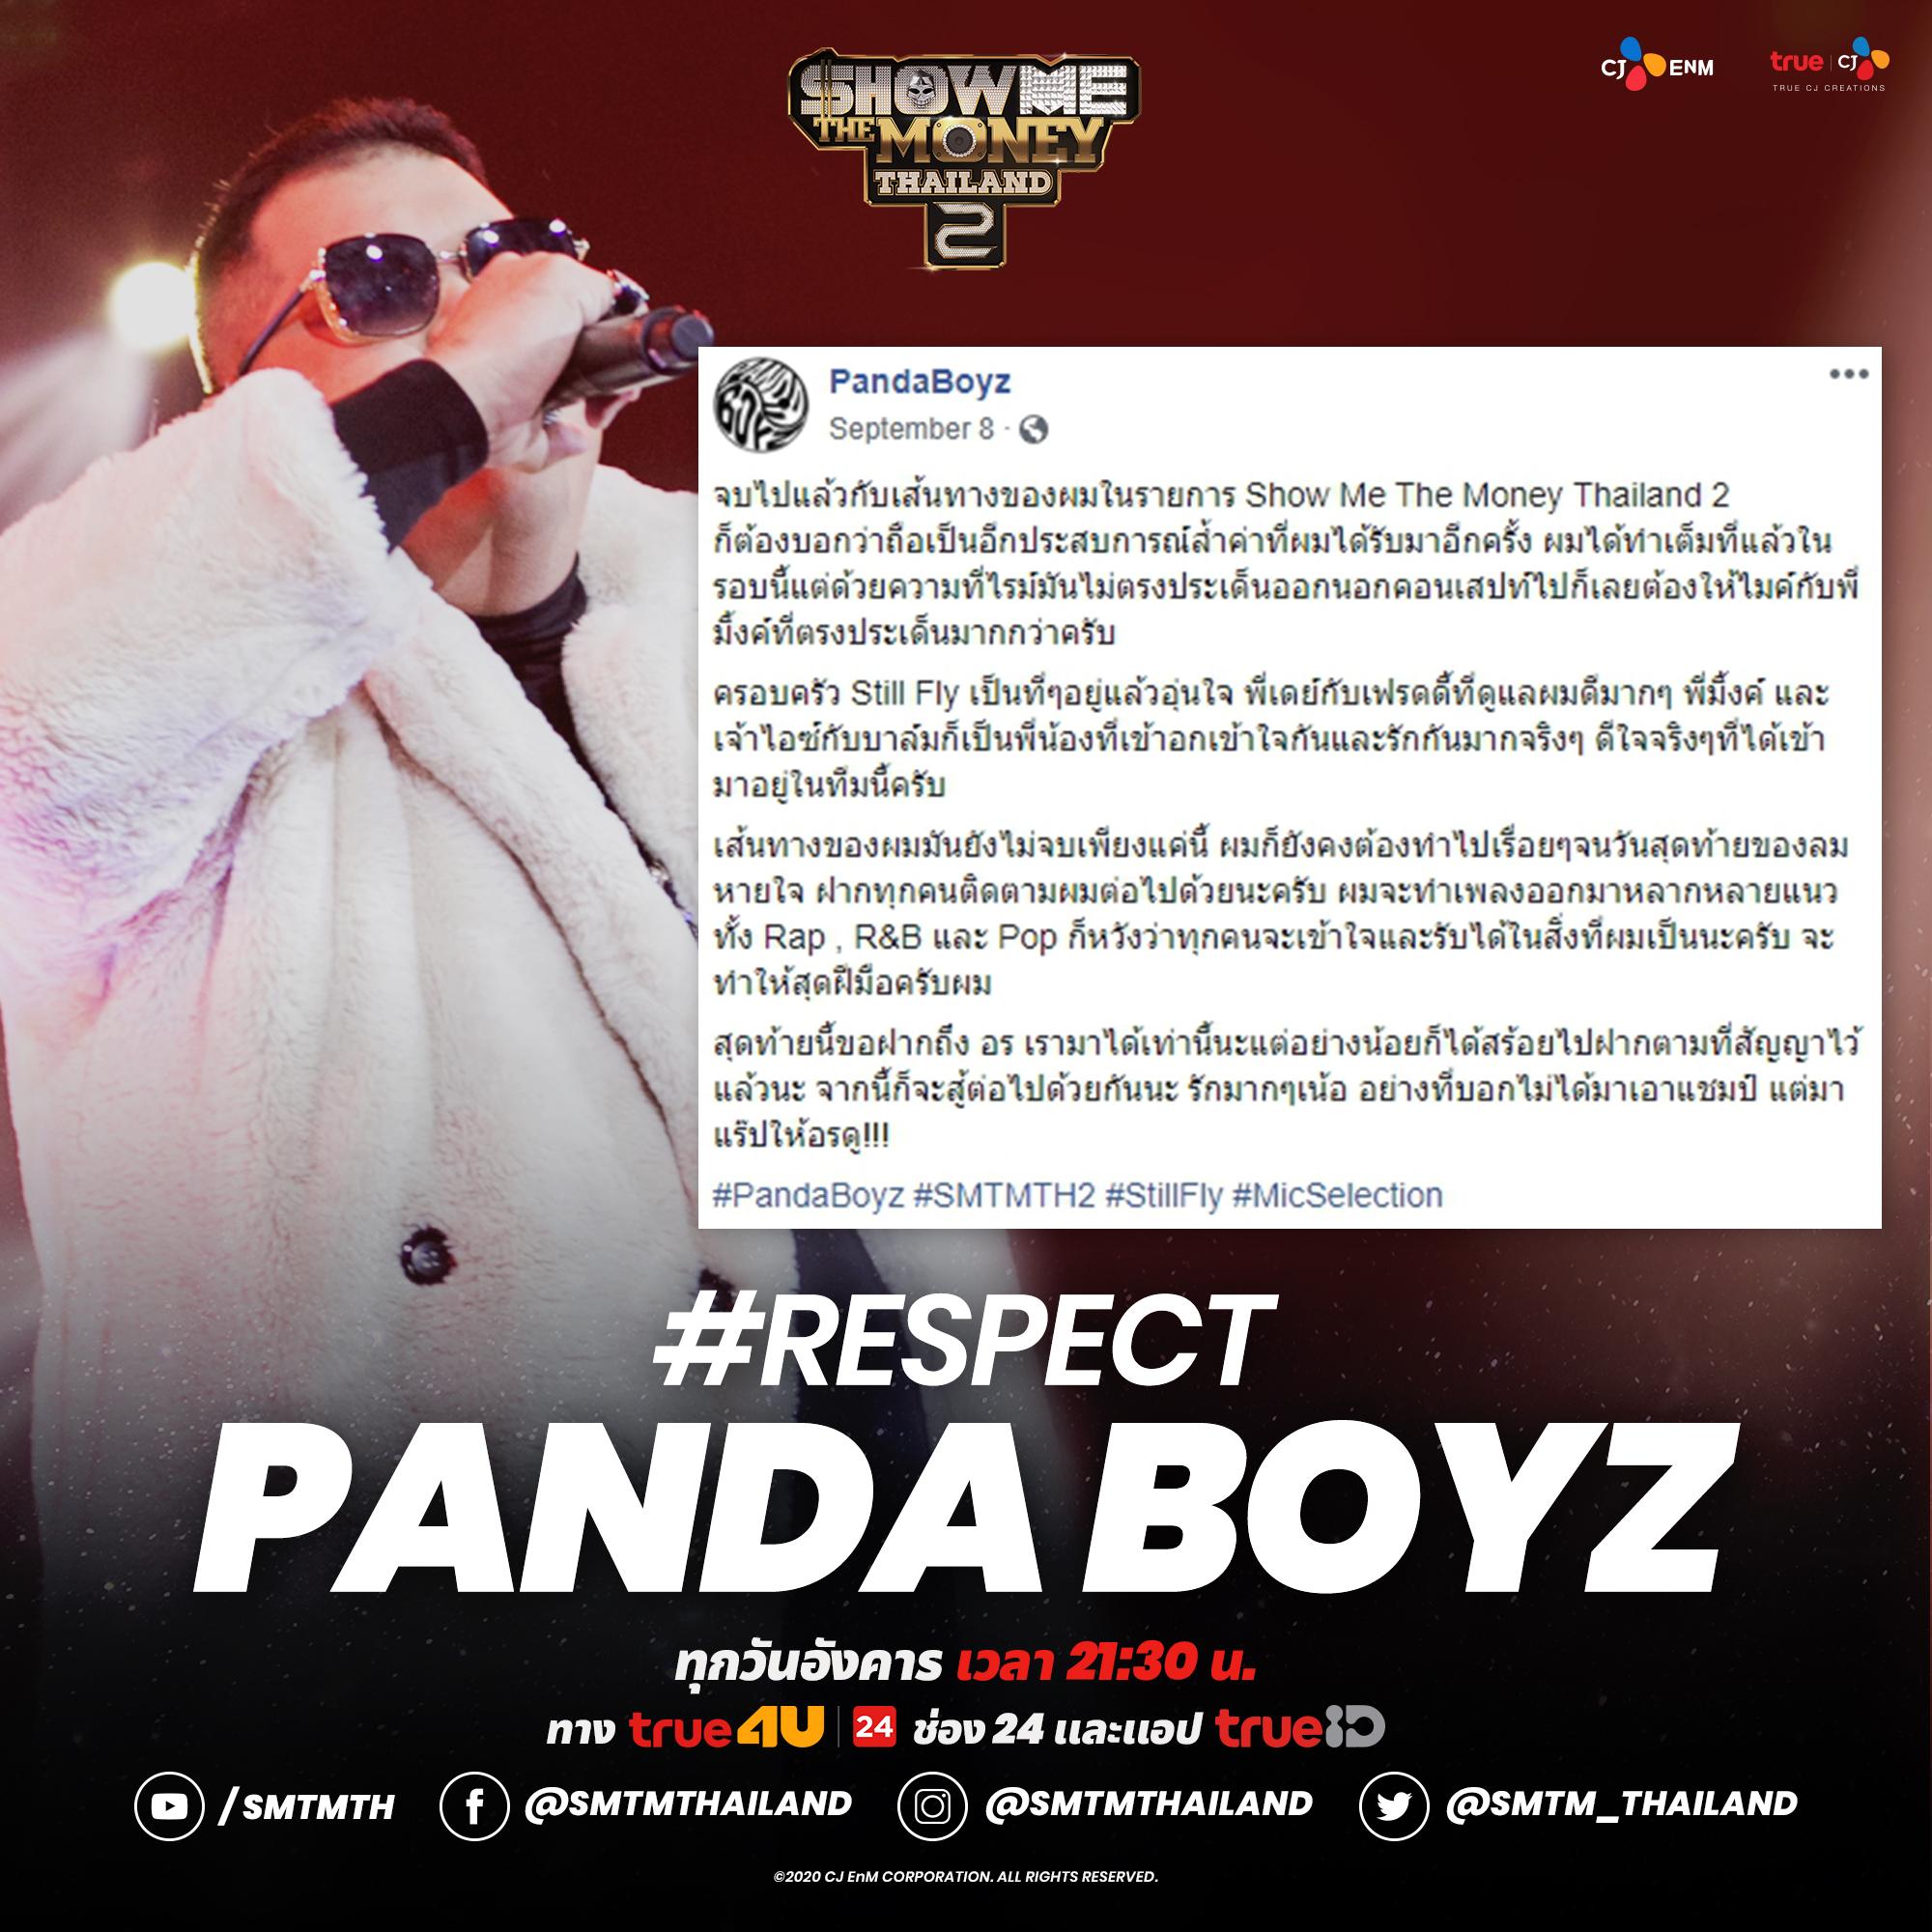 คำขอบคุณจาก PANDA BOYZ